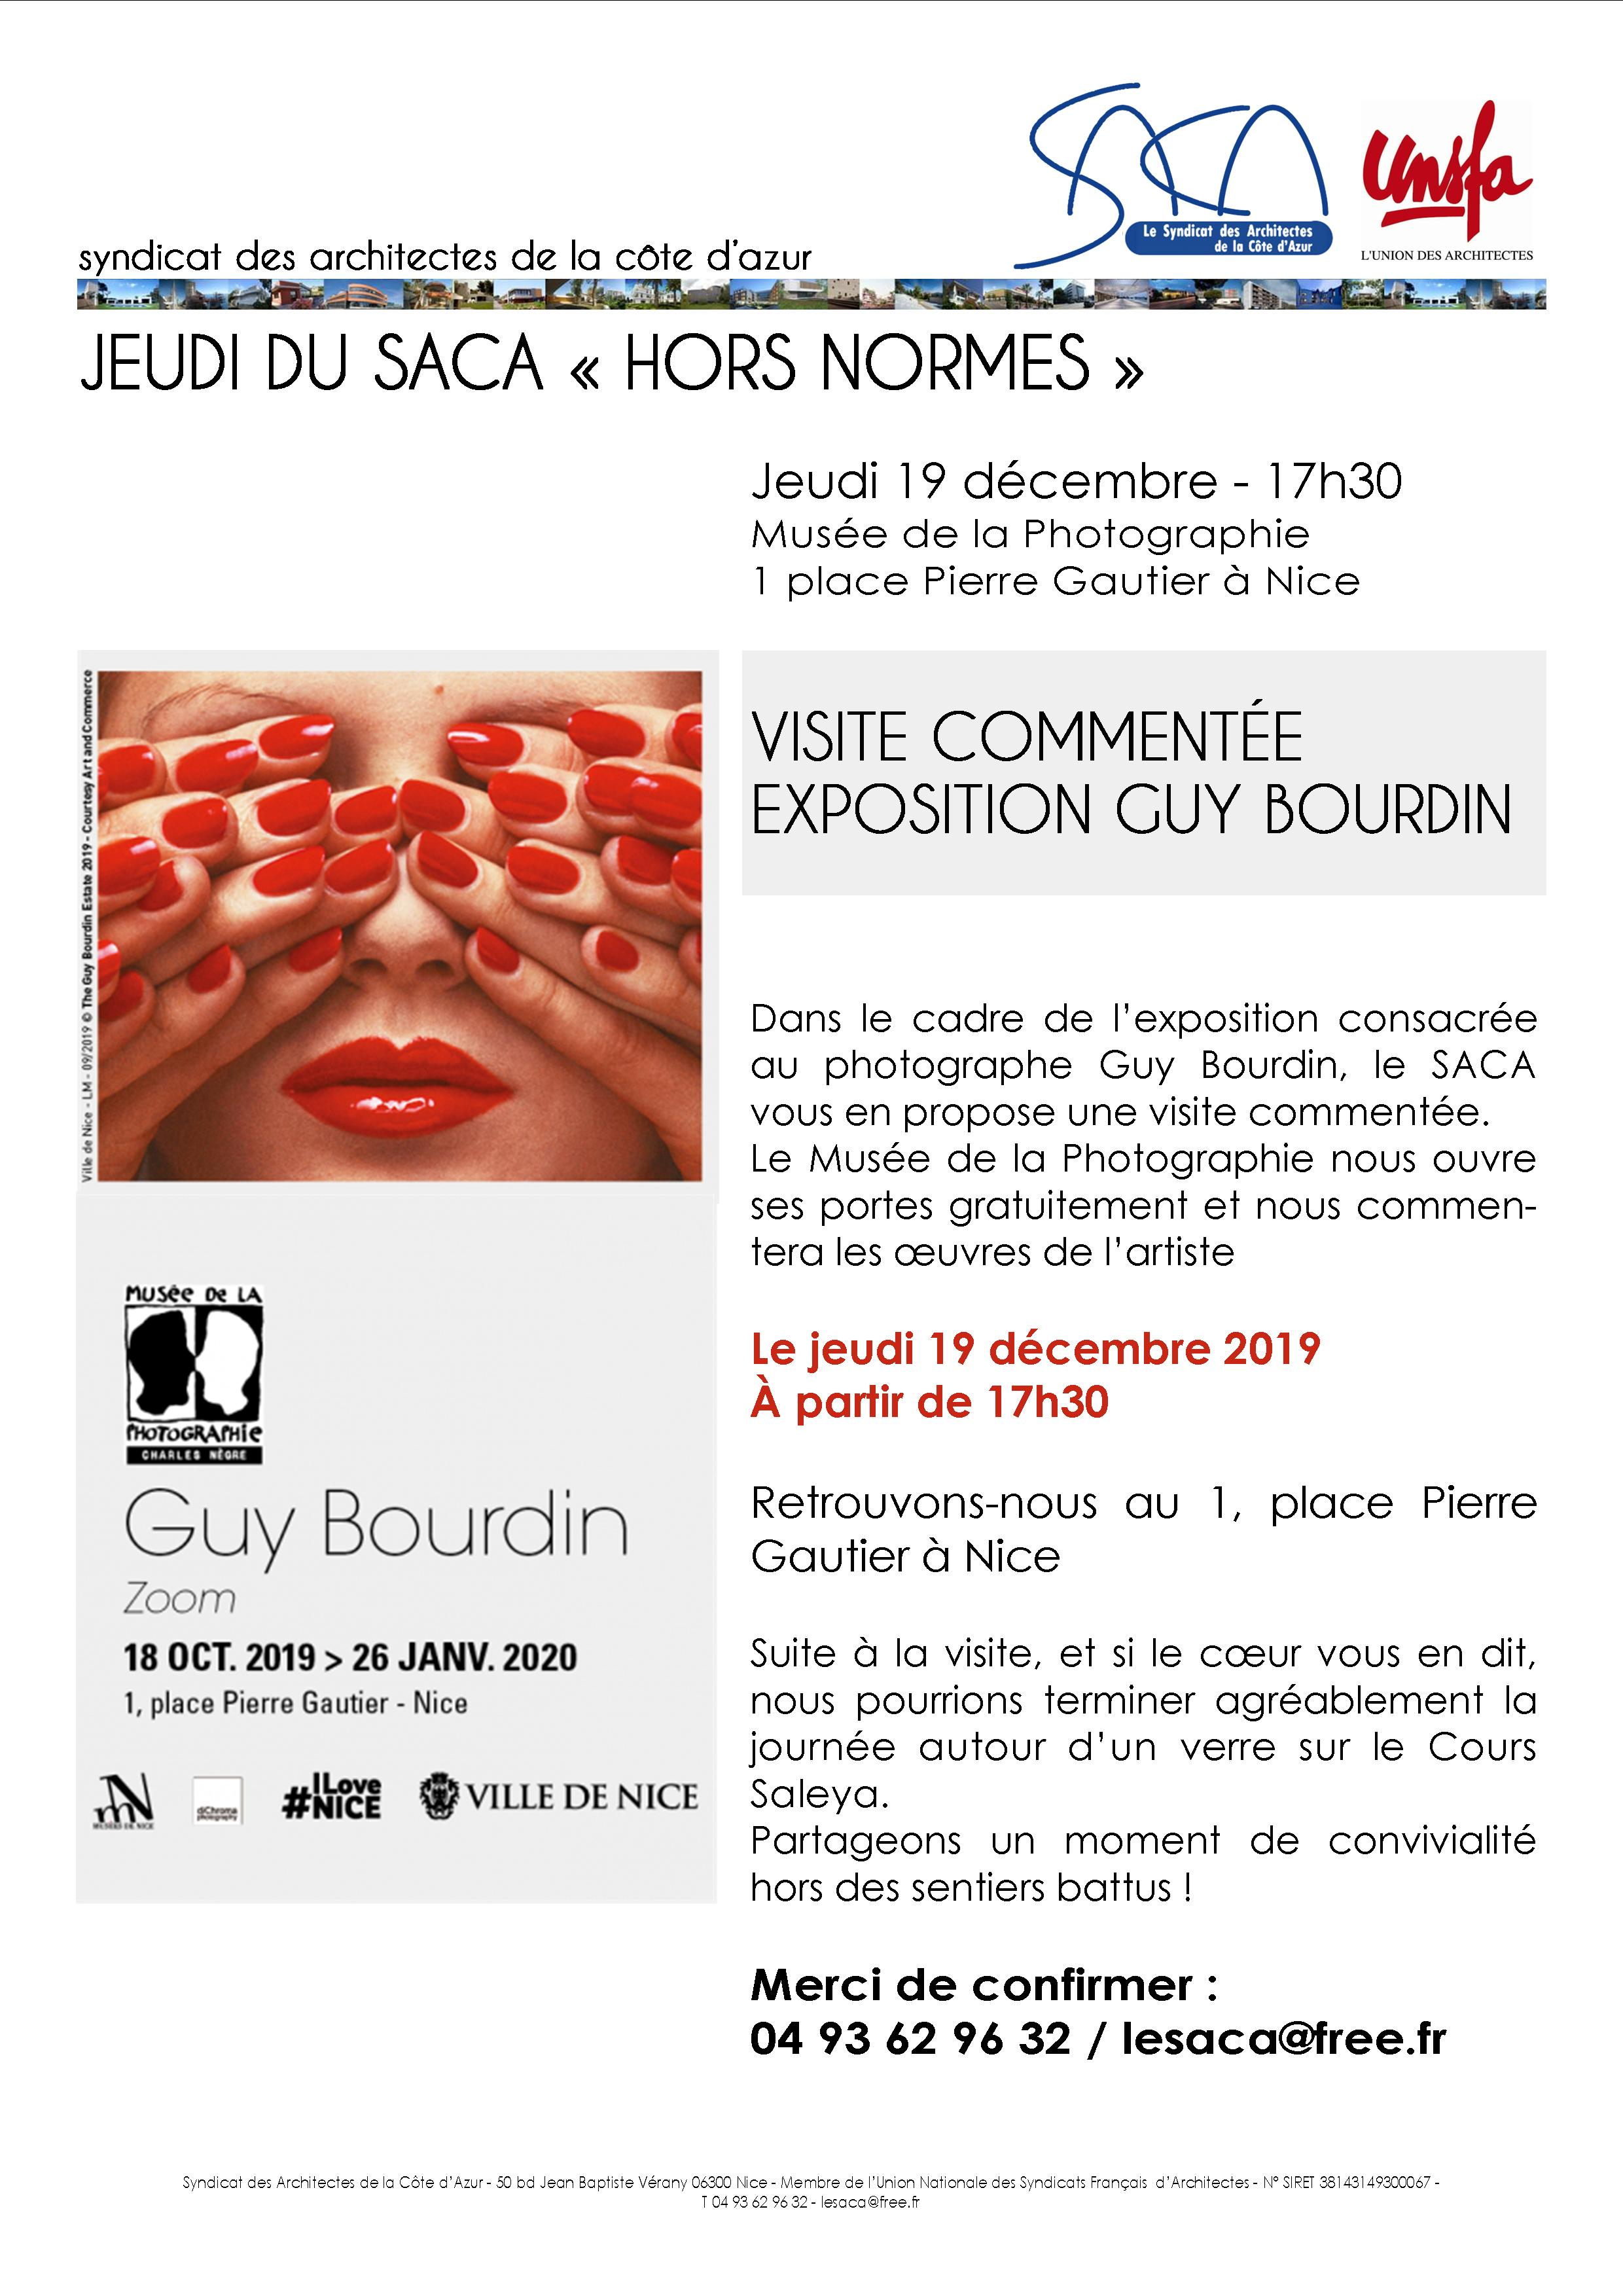 VISITE COMMENTÉE EXPO GUY BOURDIN /// 19 DÉCEMBRE /// MUSÉE DE LA PHOTOGRAPHIE @ Musée de la Photographie